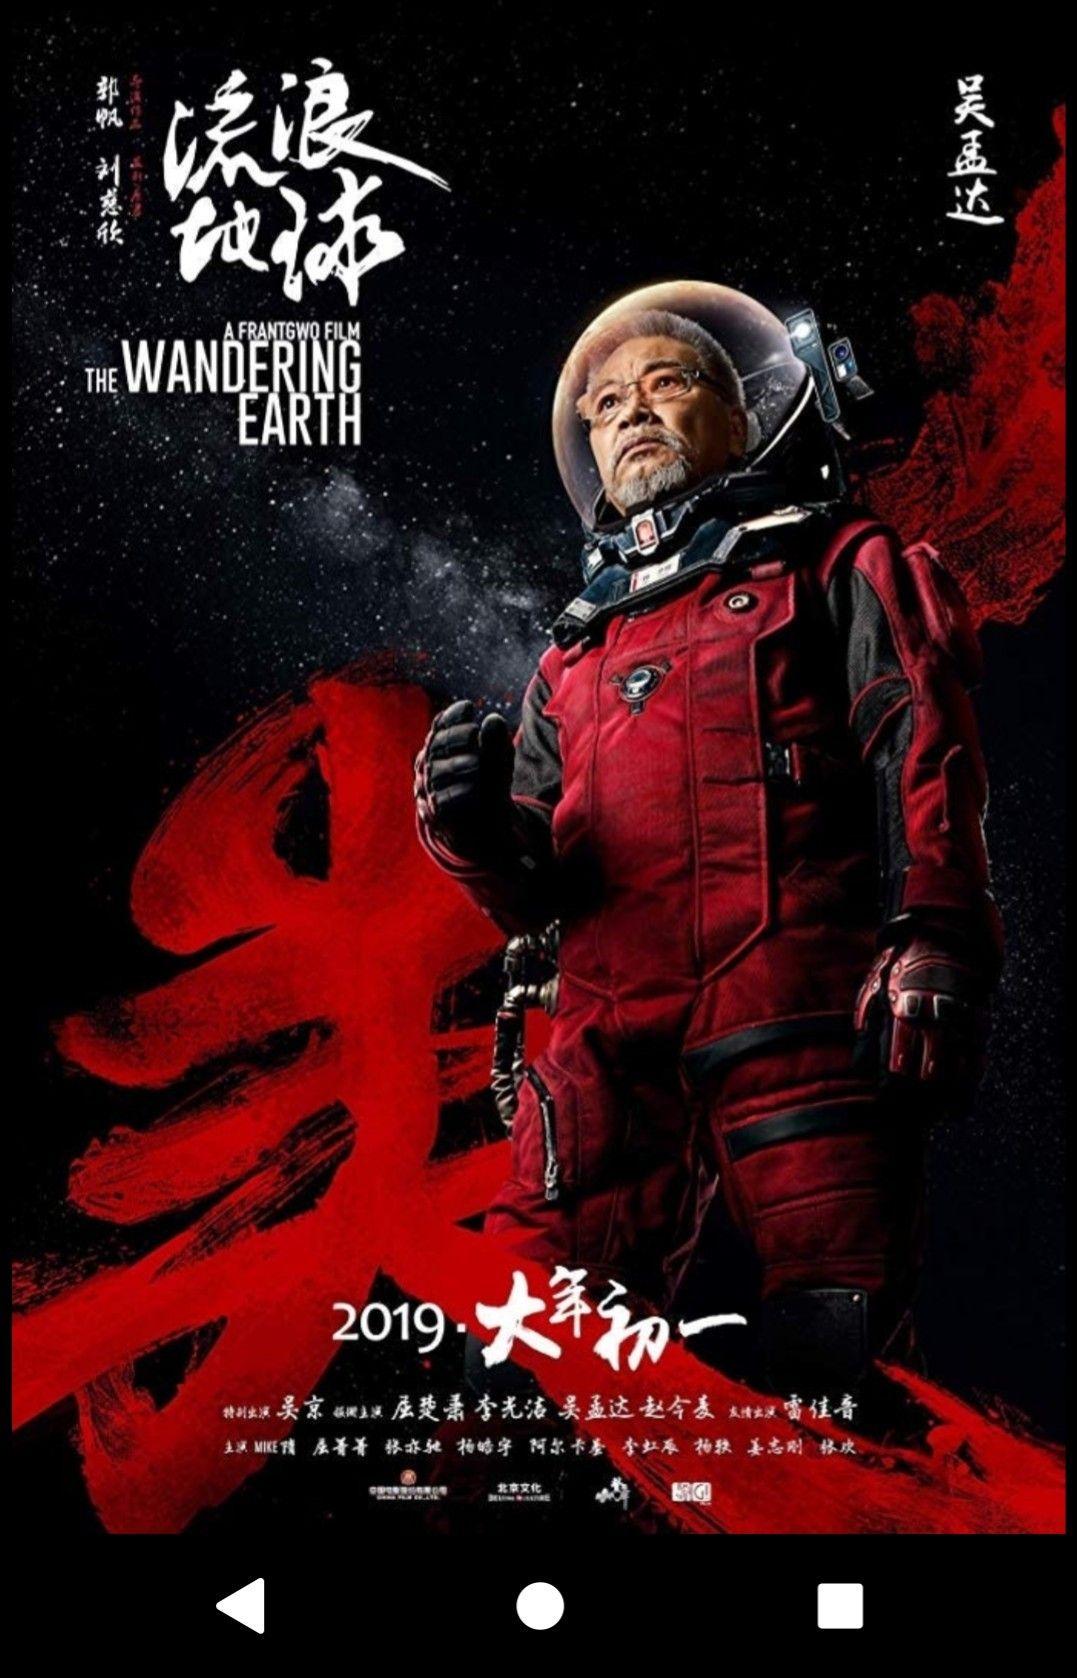 流浪地球。The Wandering Earth 。 IMAX 3D Films (2019) 劉慈欣(原作者)。 郭凡(電影導演)。 吳孟達(中國演員)。